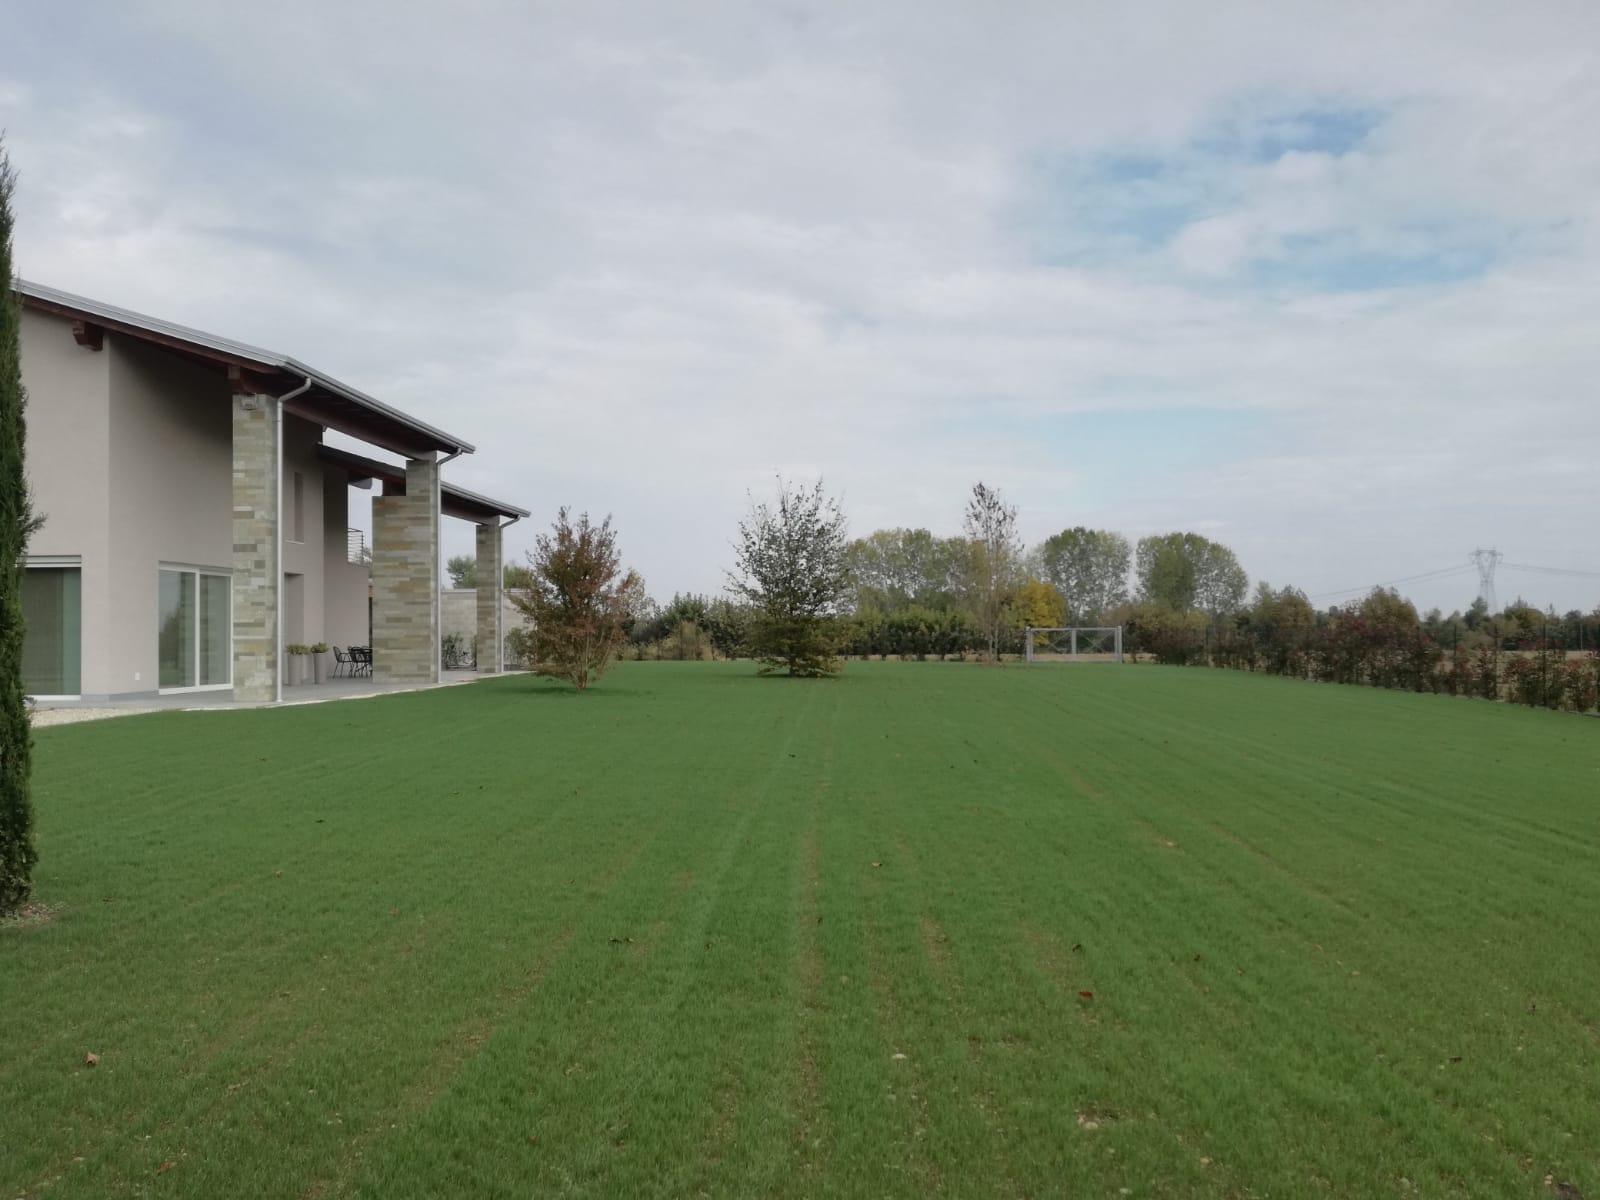 progettazione realizzazione giardini villaverla - verde blu giardini 11